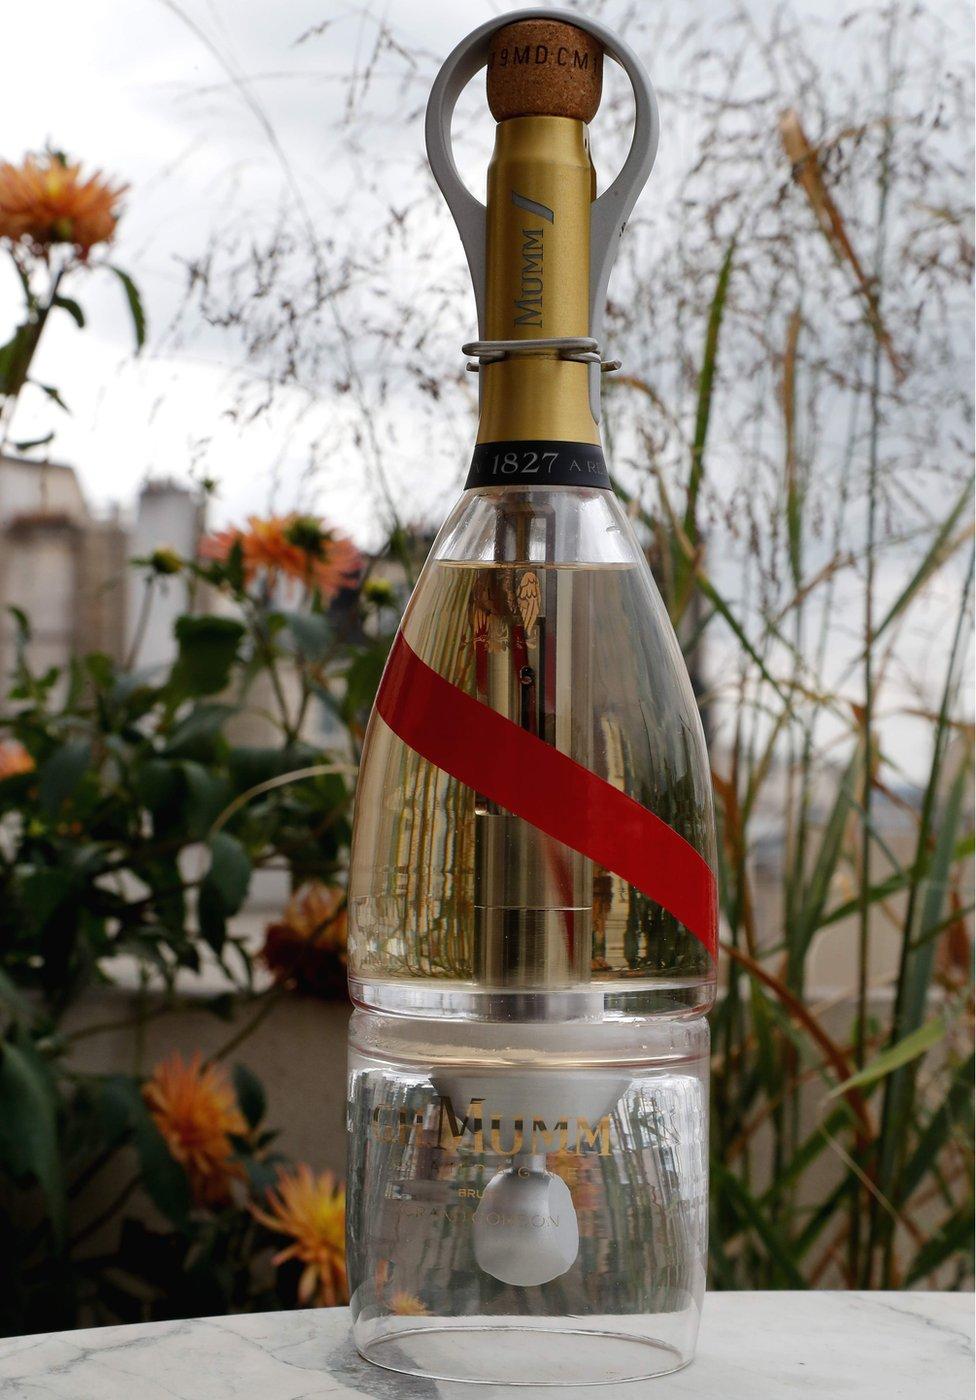 Boca Mam Grand Kordon Stelar šampanjca, koji će se testirati na letu.